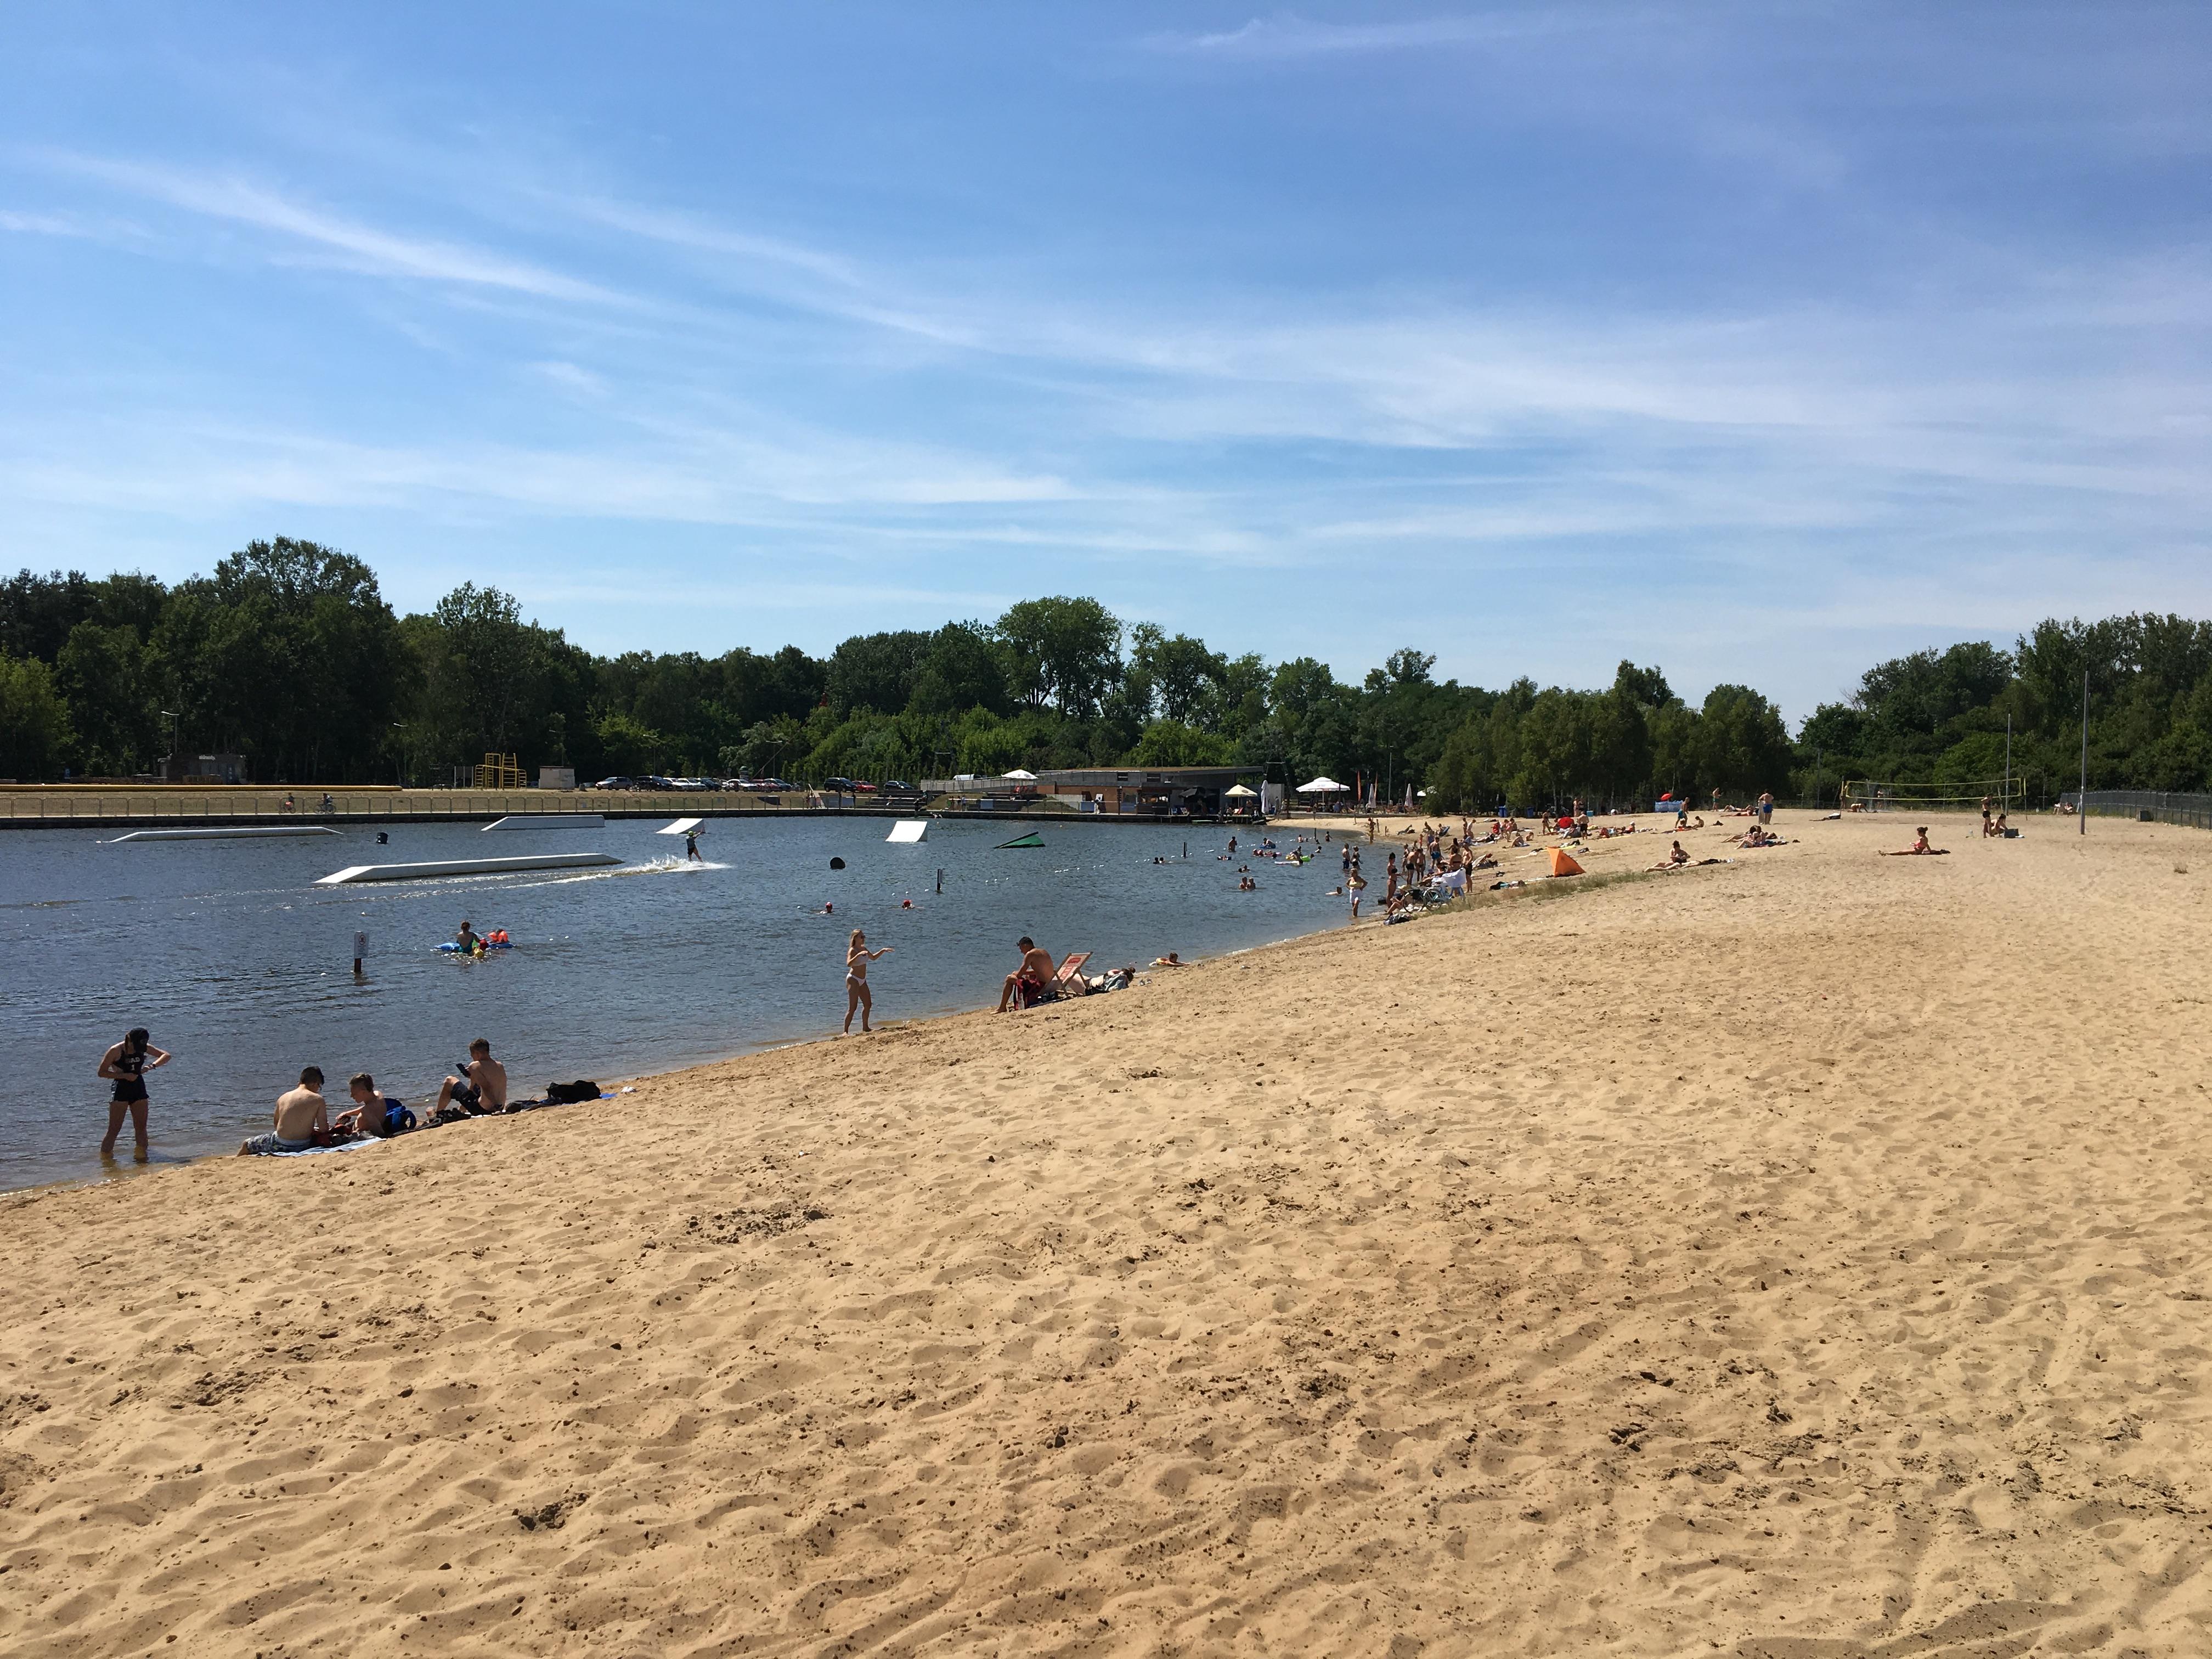 plaża Ząbki widok od strony plaży